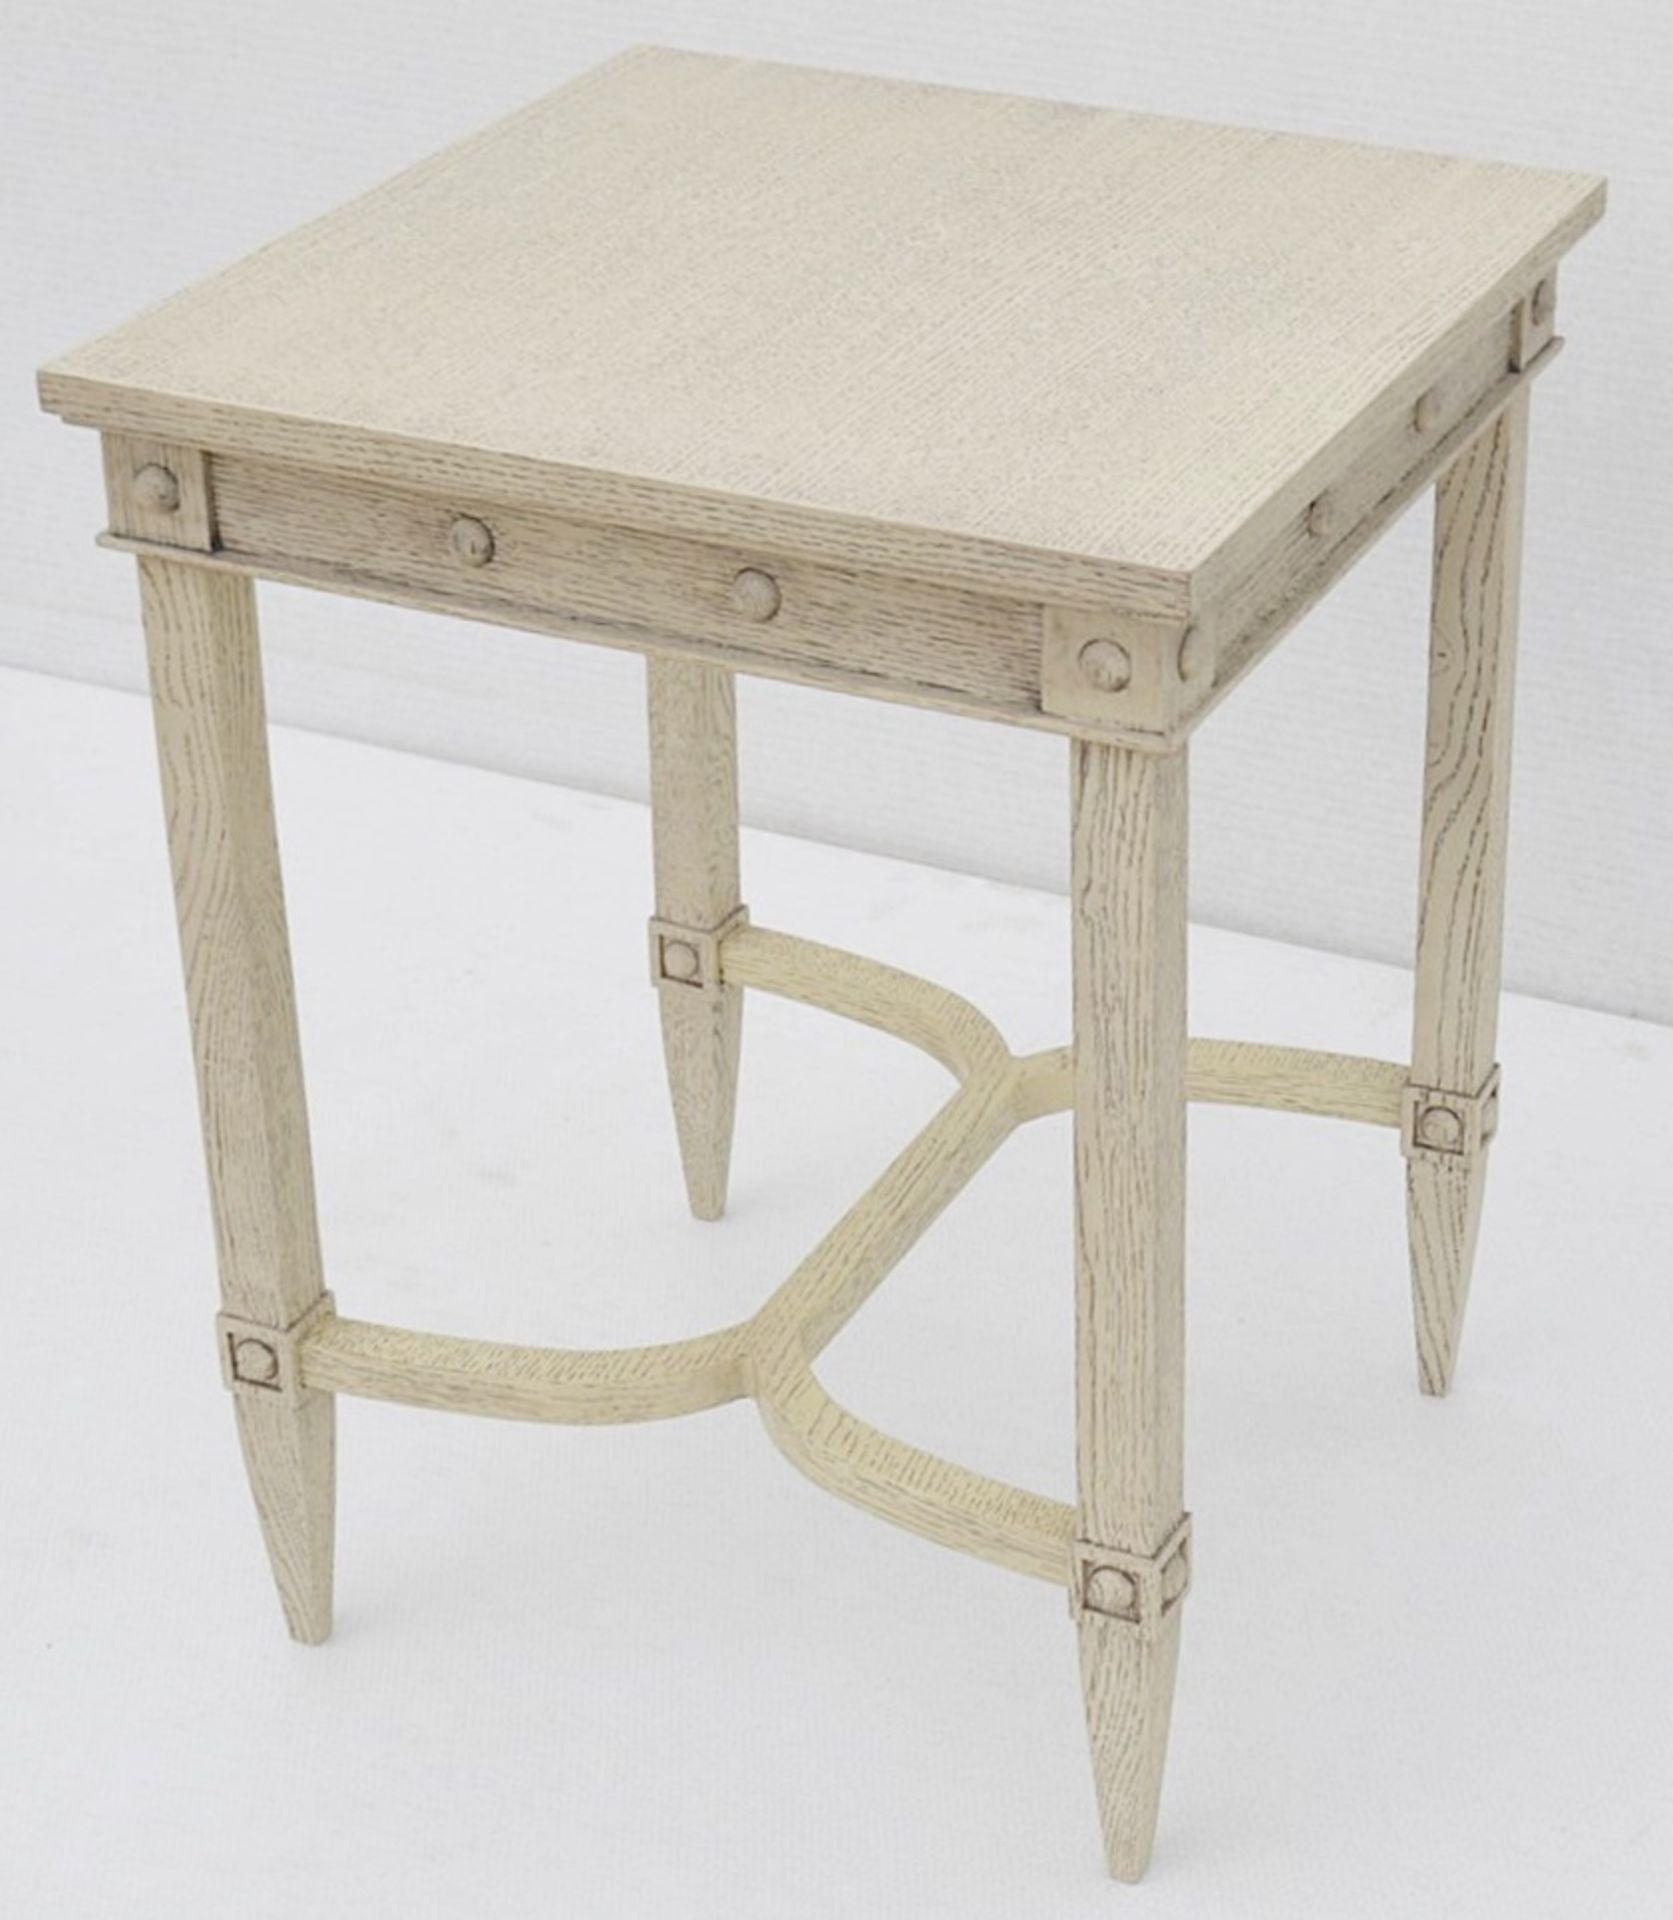 1 x JUSTIN VAN BREDA 'Thomas' Designer Georgian-inspired Occasional Table - Original RRP £1,320